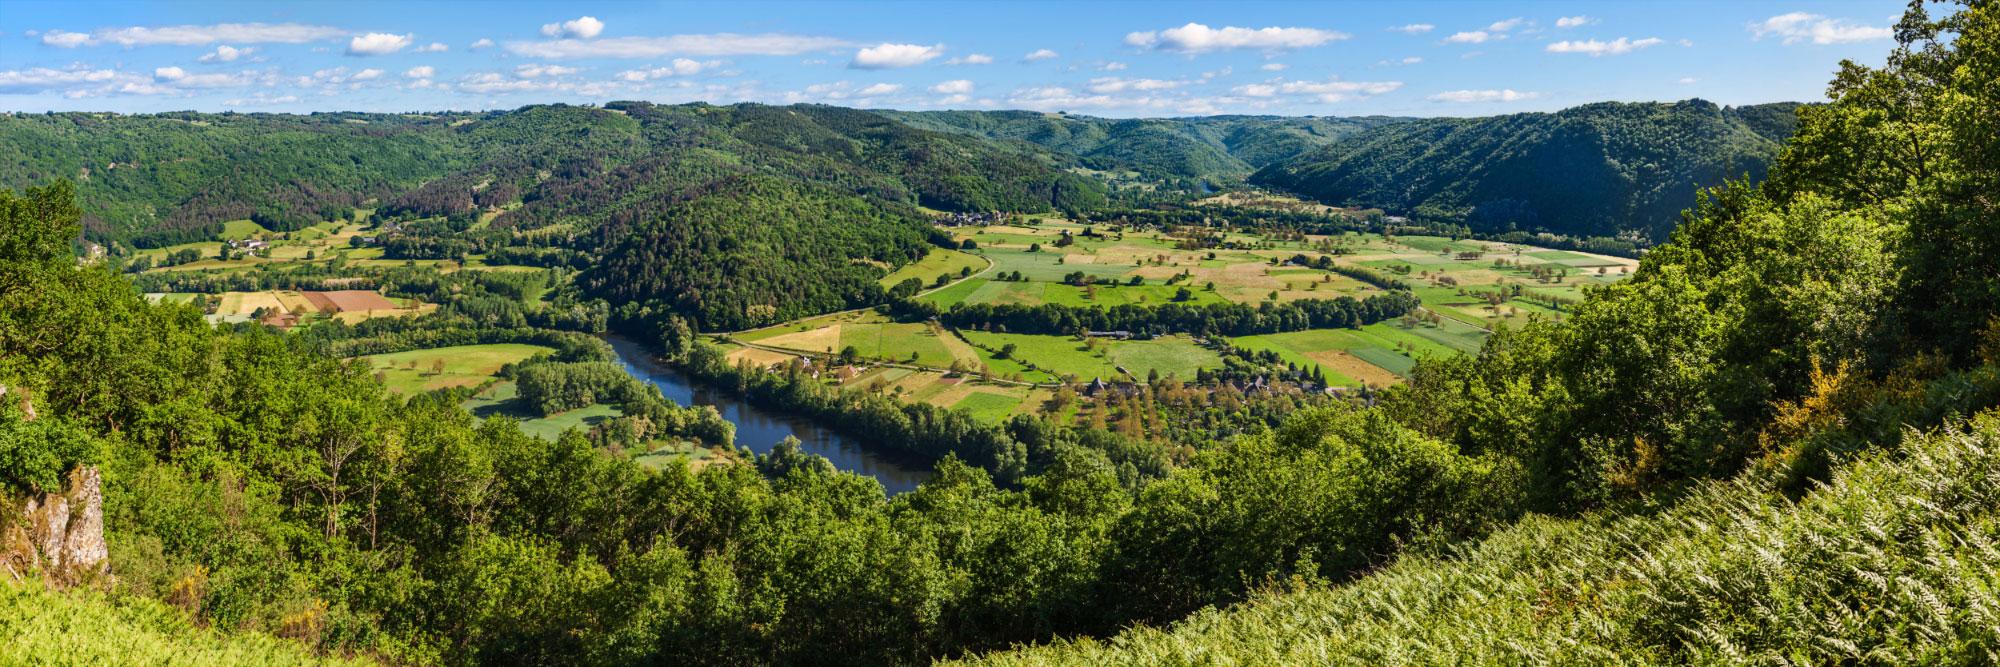 Méandre de la Dordogne, Oppidum du Puy du Tour (près d'Argentat)